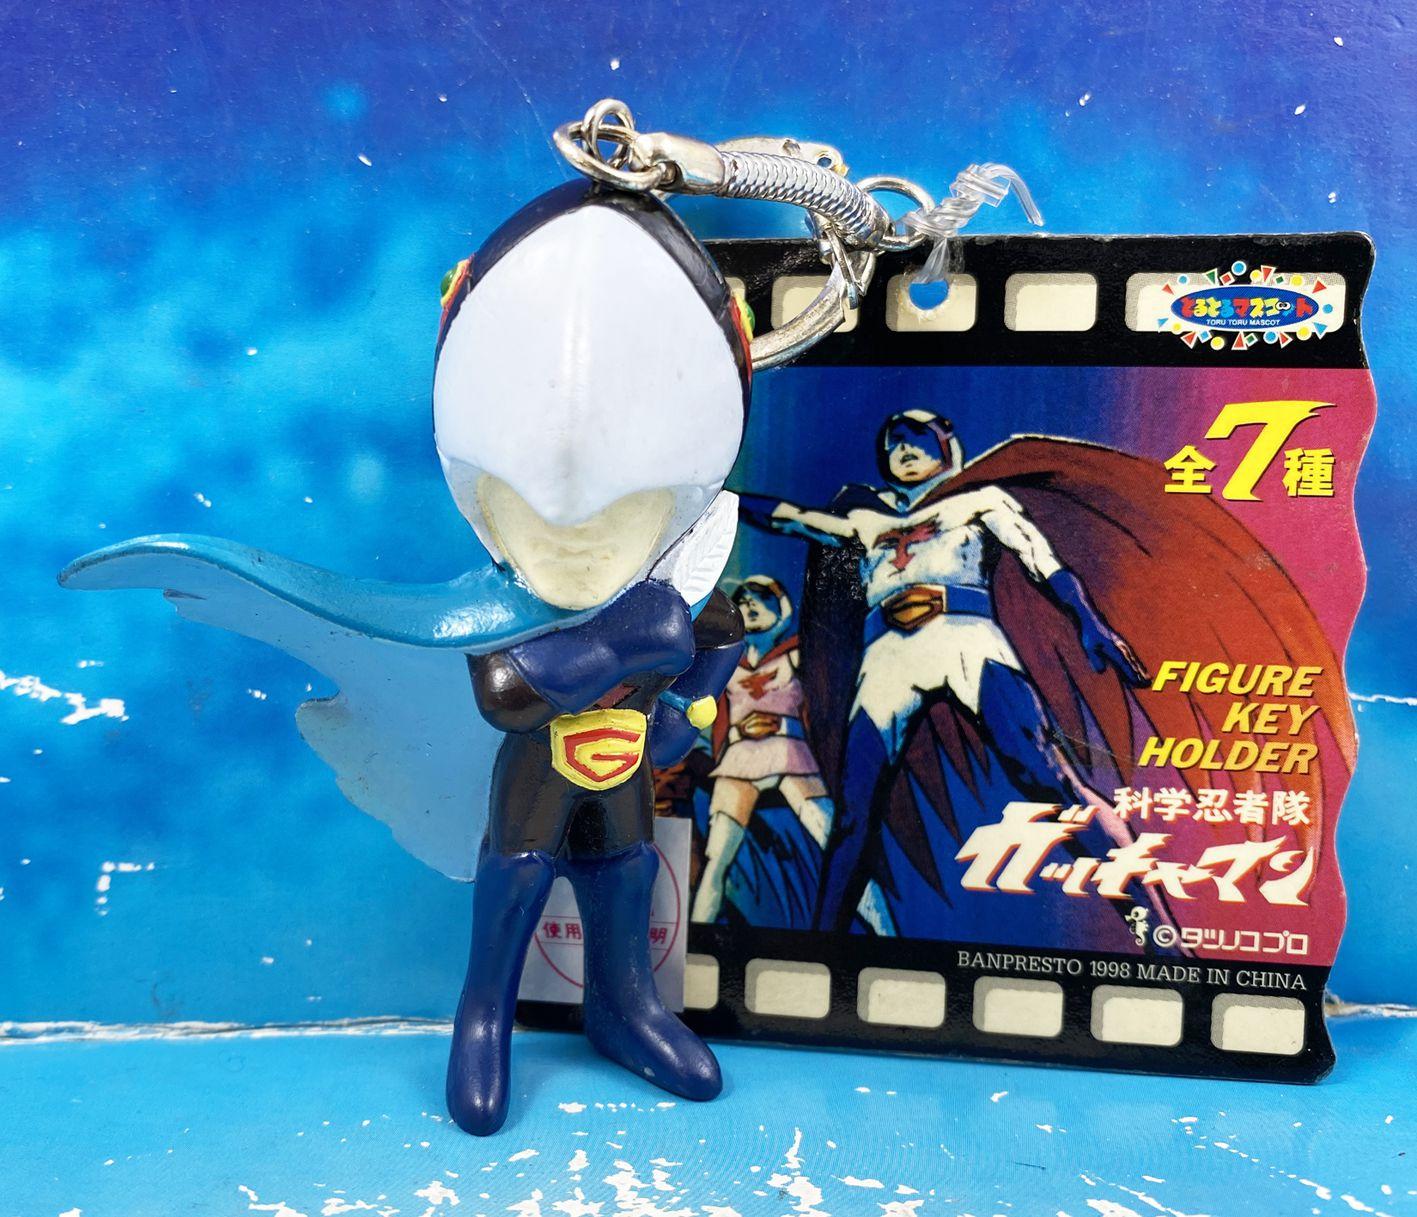 La Bataille des Planètes (Gatchaman) - Banpresto - Porte-clés Thierry Figurine Super-Deformée